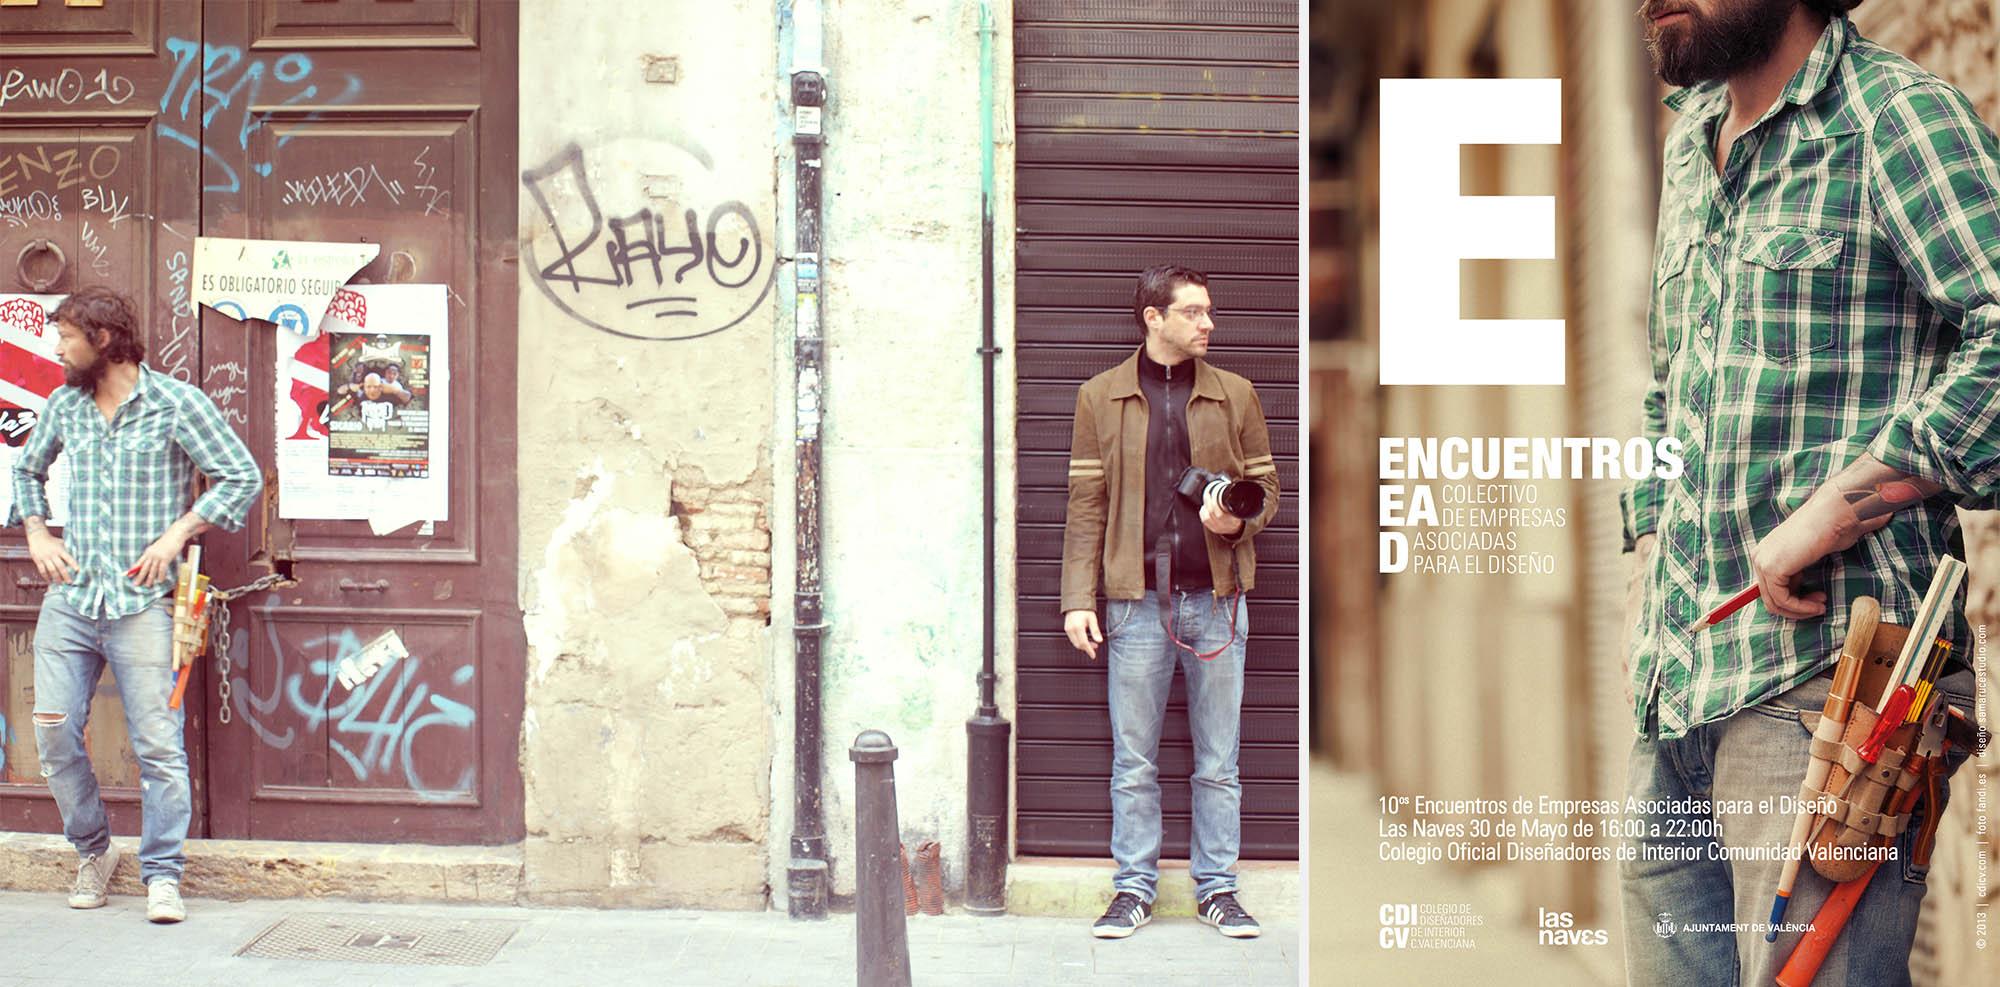 Encuentros EAD 2013 | Proyecto de diseño gráfico para el CDICV Colegio Oficial de Diseñadores de Interior de la Comunidad Valenciana | samarucestudio.com